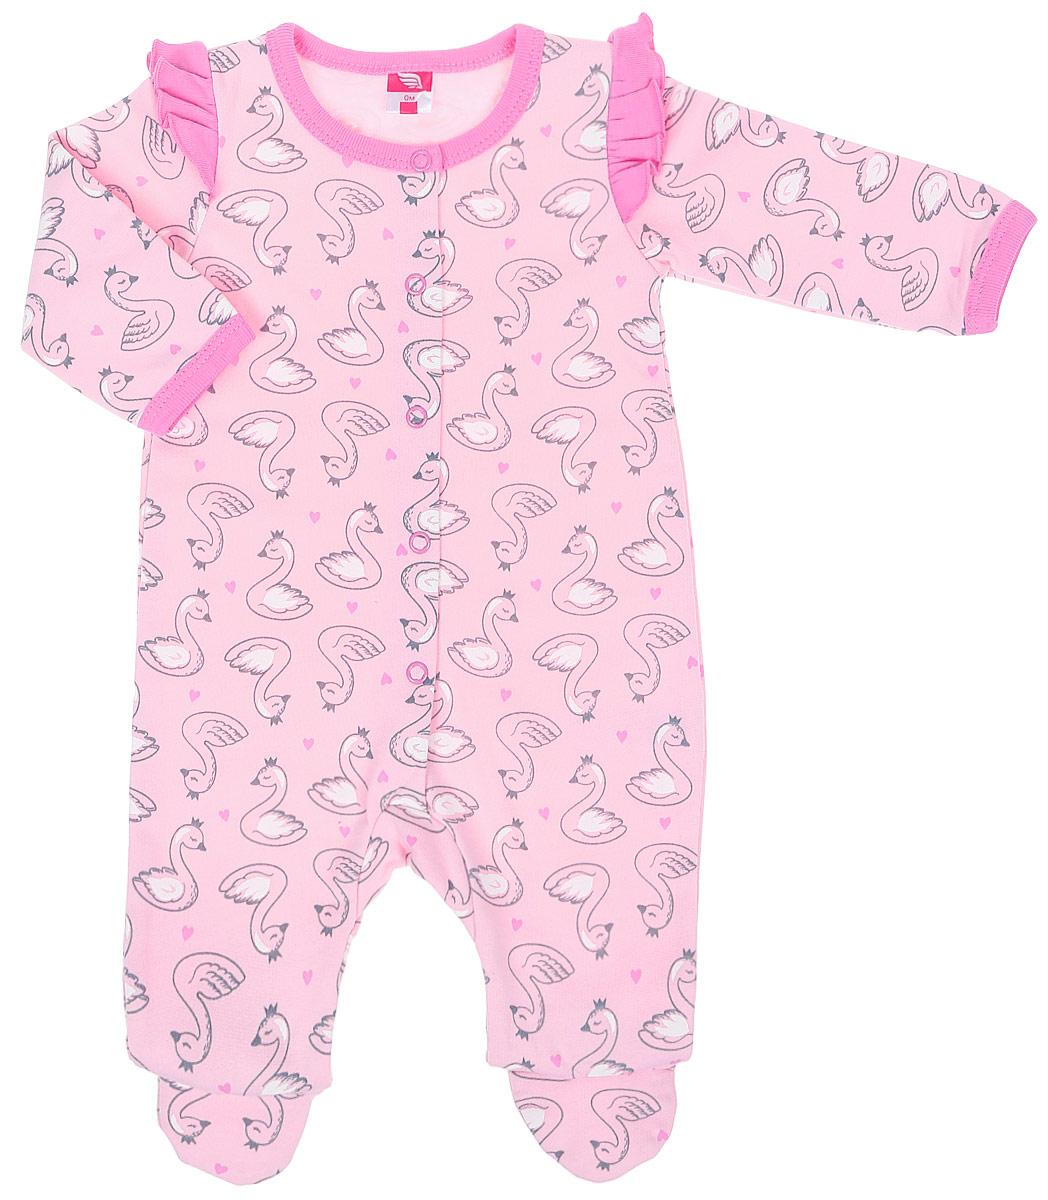 Комбинезон для девочки Cherubino, цвет: светло-розовый. CWN 9674 (156). Размер 80CWN 9674 (156)Комбинезон для девочки выполнен из набивного трикотажа с начесом. Модель спереди застегивается на кнопки. Верх рукава декорирован рюшкой.